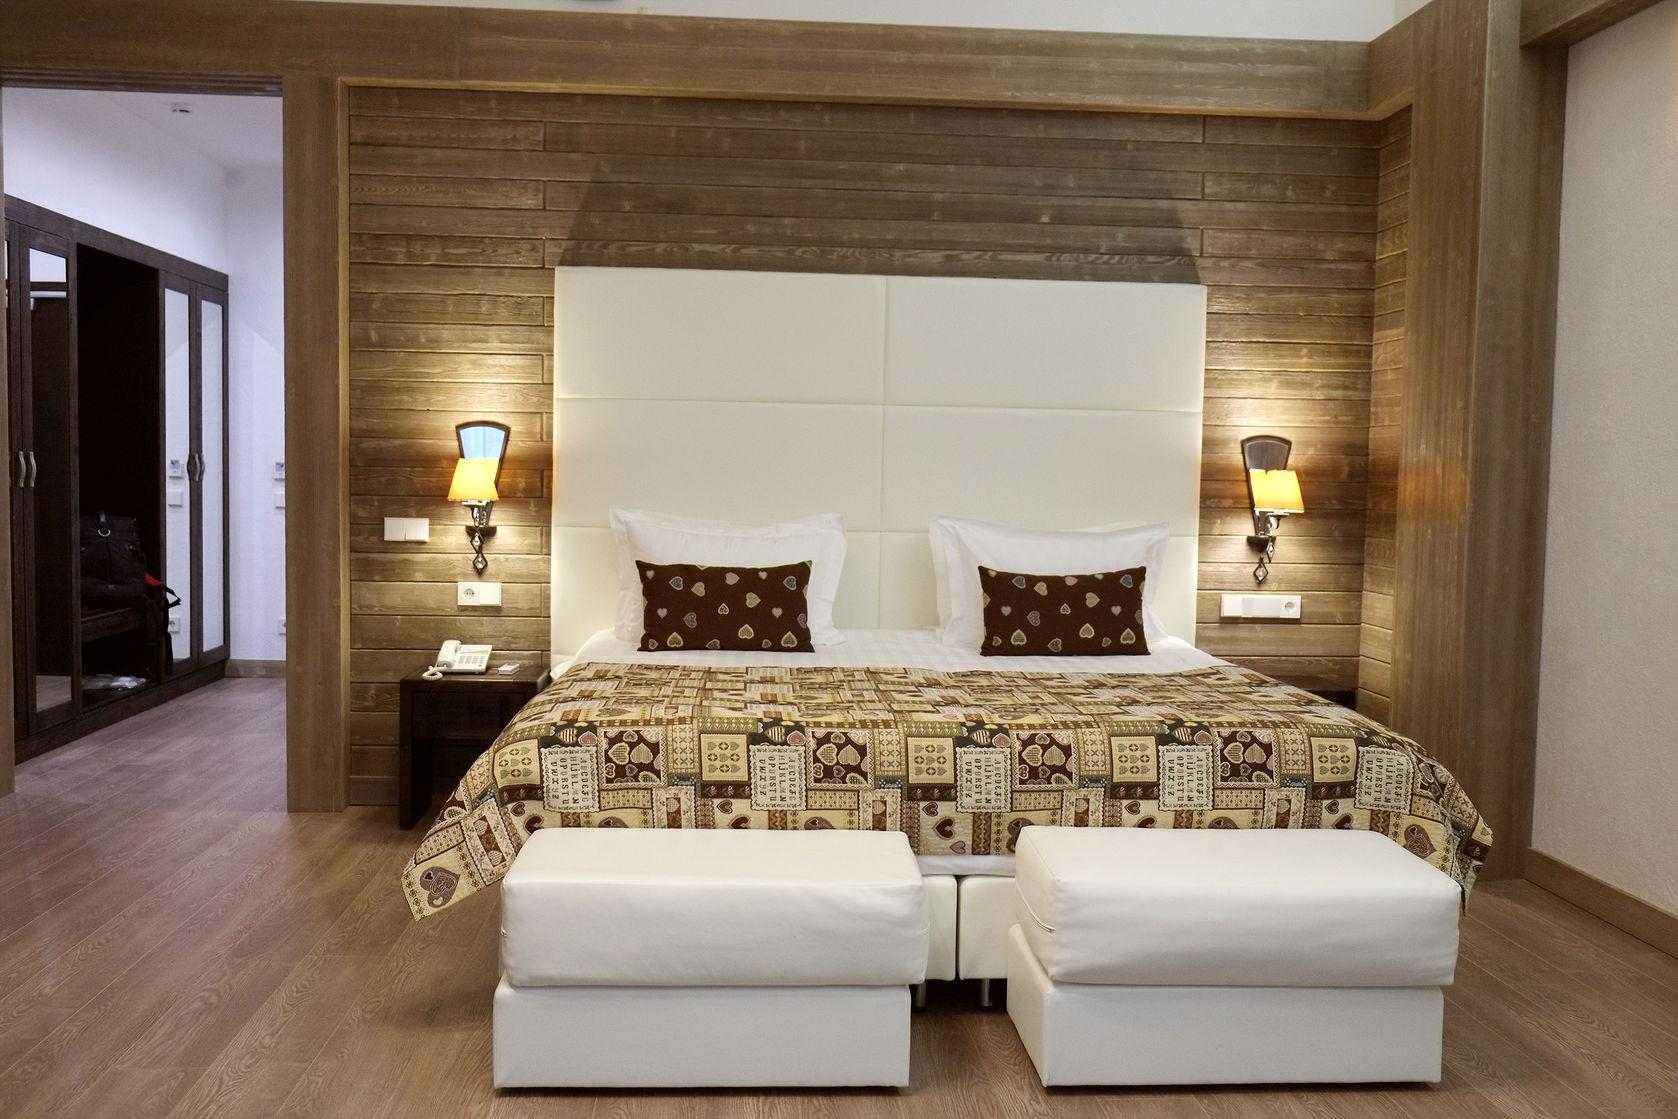 Fengshui-Schlafplatz-Wohnraum-Erholung-Regeneration-Formschule-Gesundheit